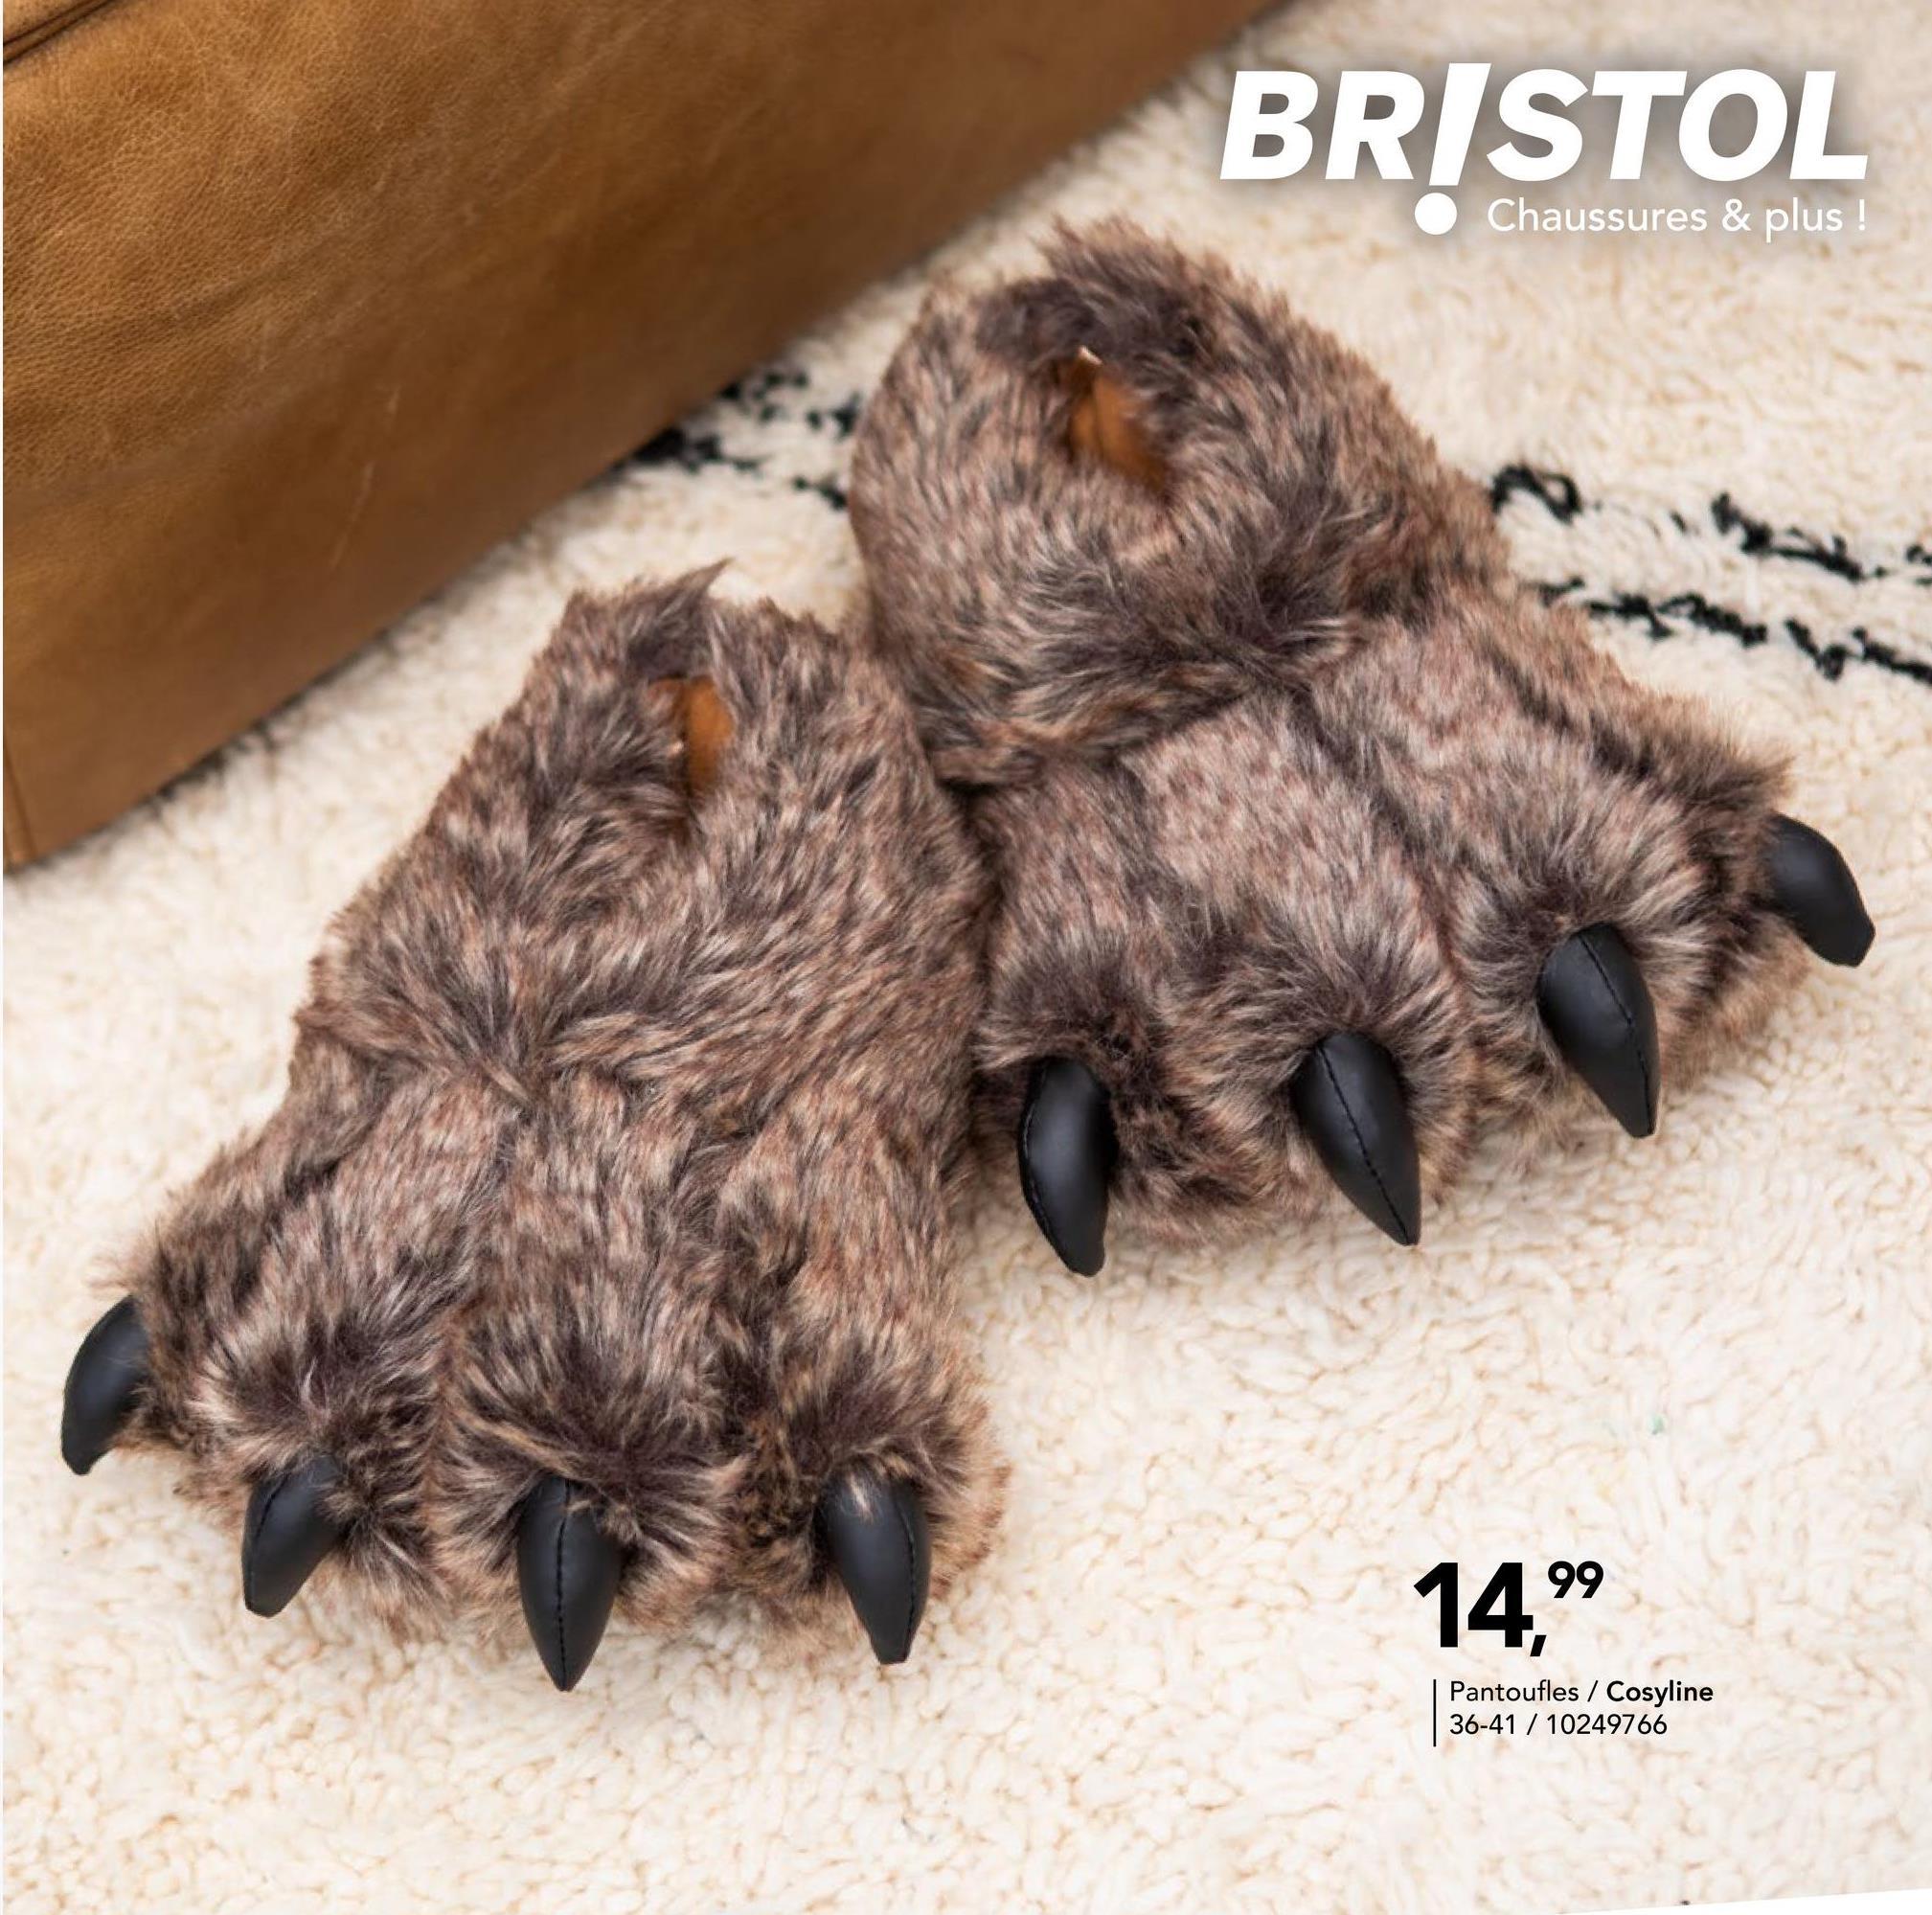 Pantoufle Cosy Line - Brun Pourquoi choisir des pantoufles ennuyeuses ? Qu'est-ce que vous pensez de ces chouettes pantoufles pourvues de griffes ? Grrr !